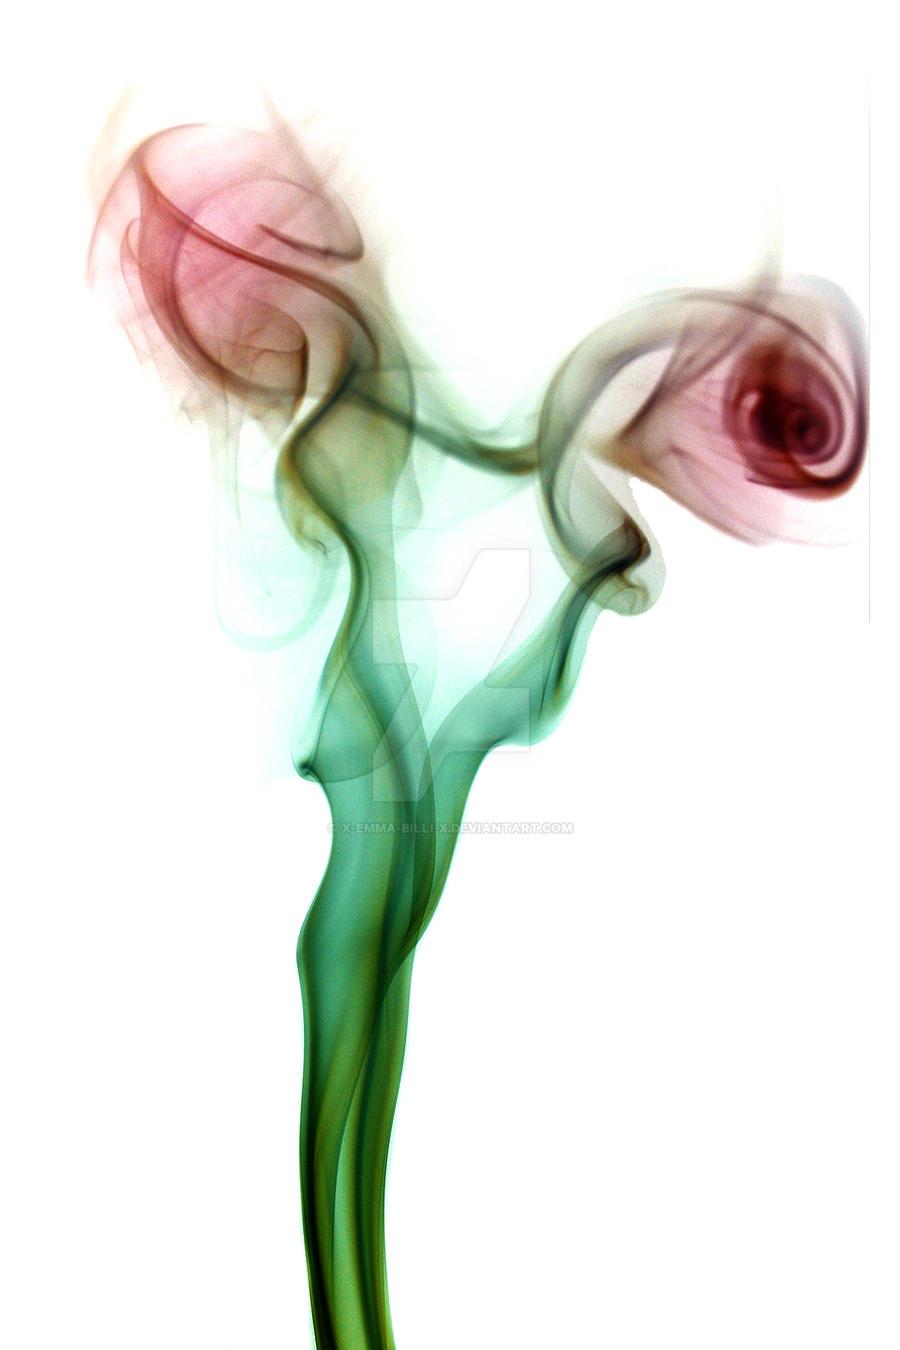 Smoke 04 by x-Emma-Billi-x